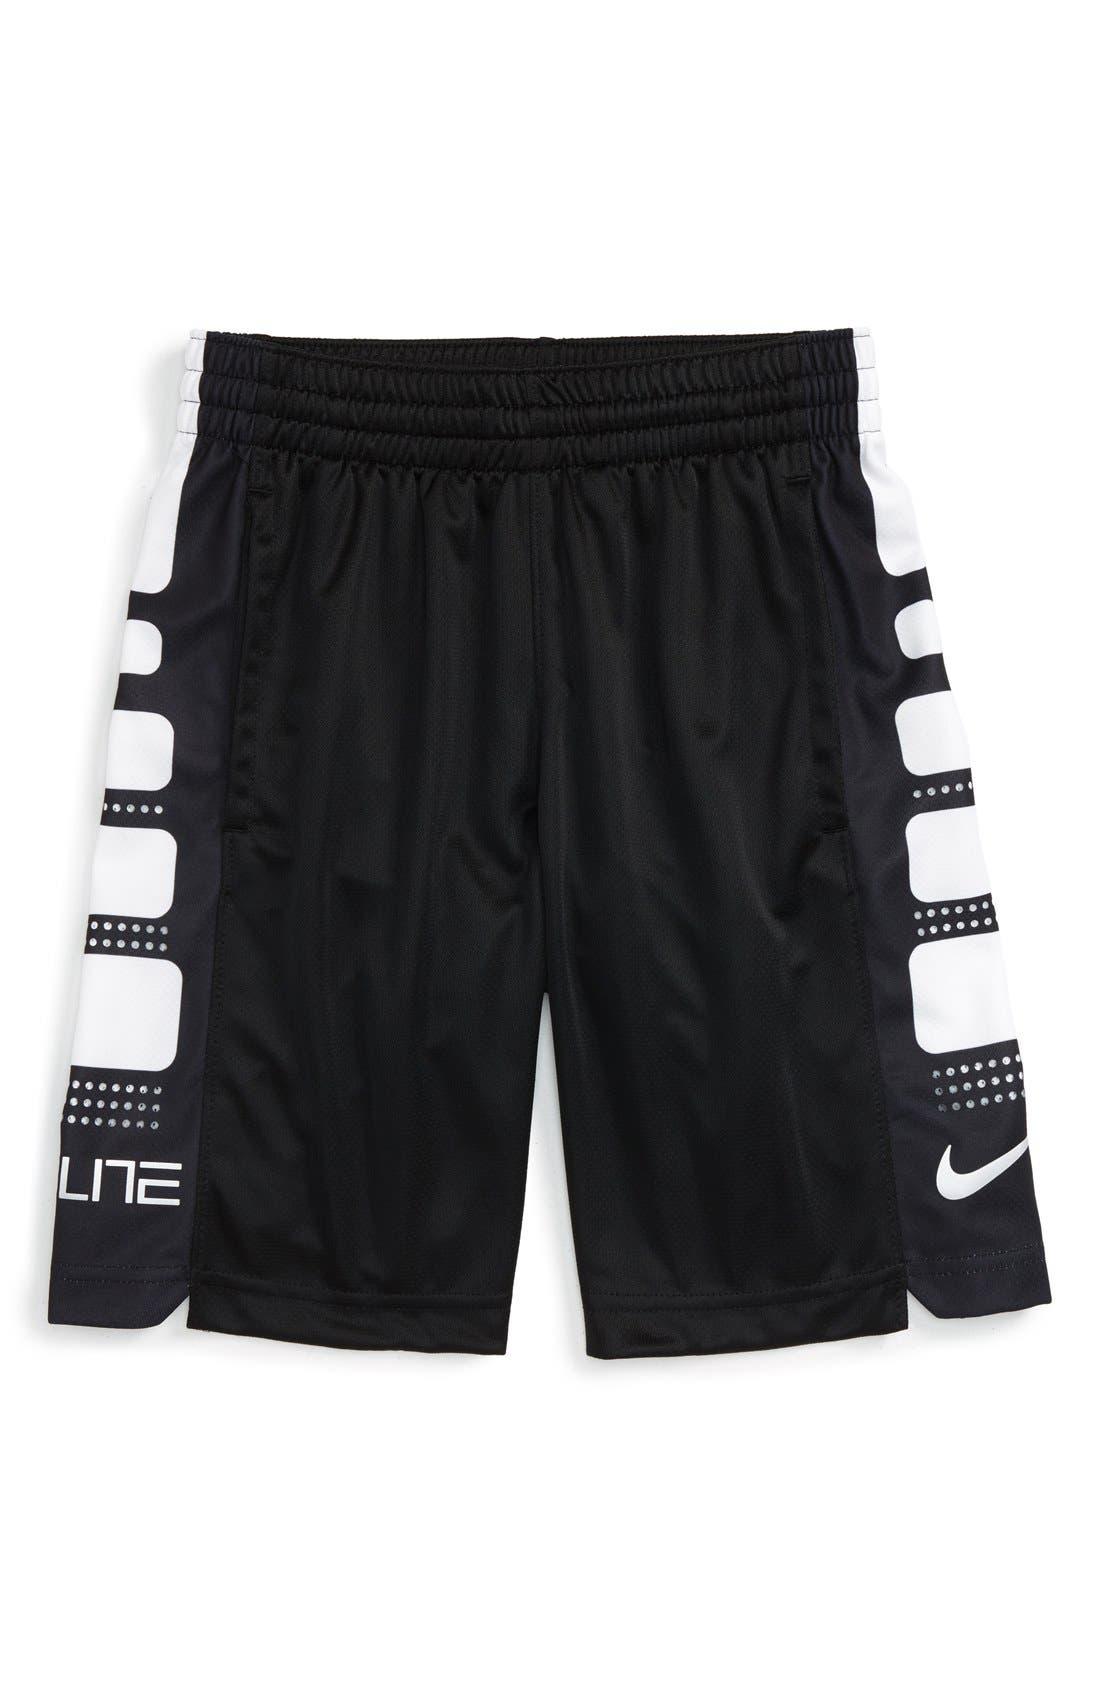 NIKE 'Elite' Dri-FIT Shorts